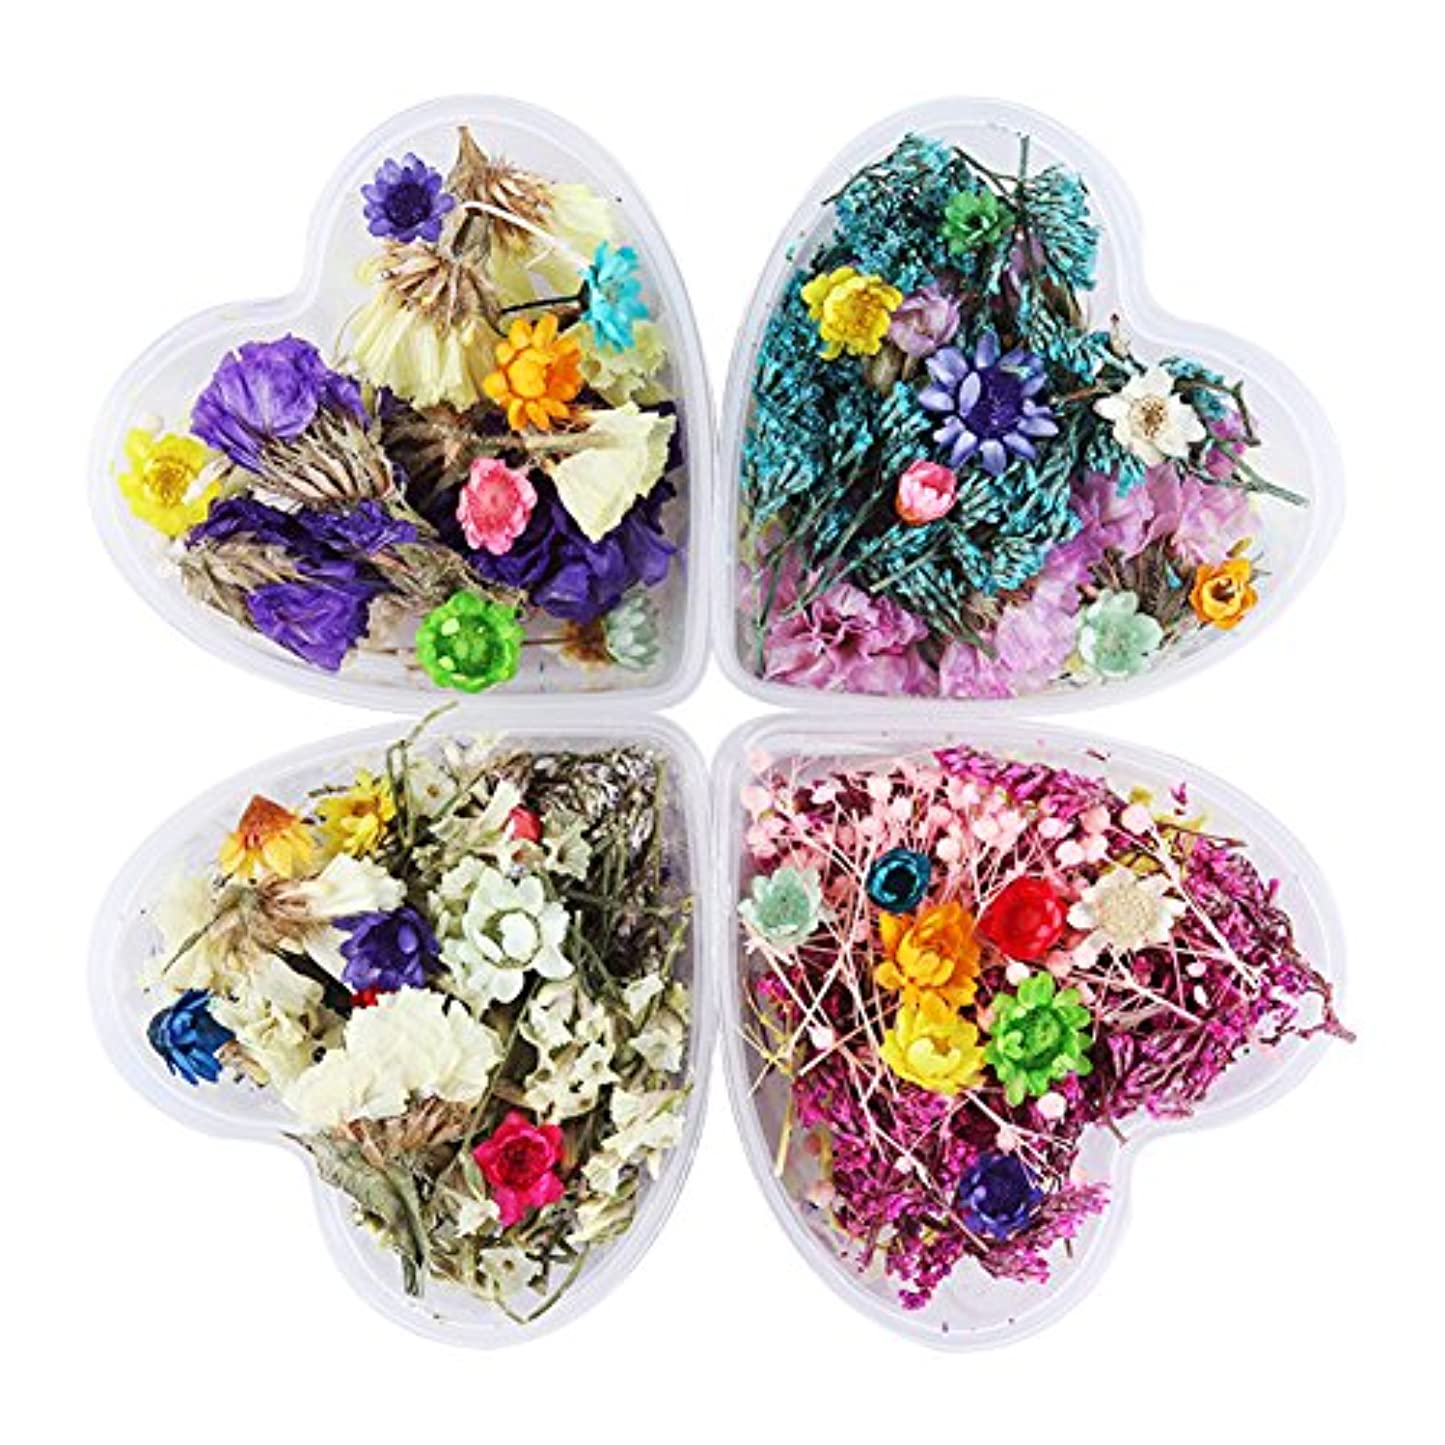 モンク葉を拾う荒らすBORN PRETTY 押し花 ドライフラワー 4ボックスセット 3Dネイル ハーバリウム 花材 レジンデコレーション カラージェルネイルDIYデコレーション飾り用品 (セット4) [並行輸入品]